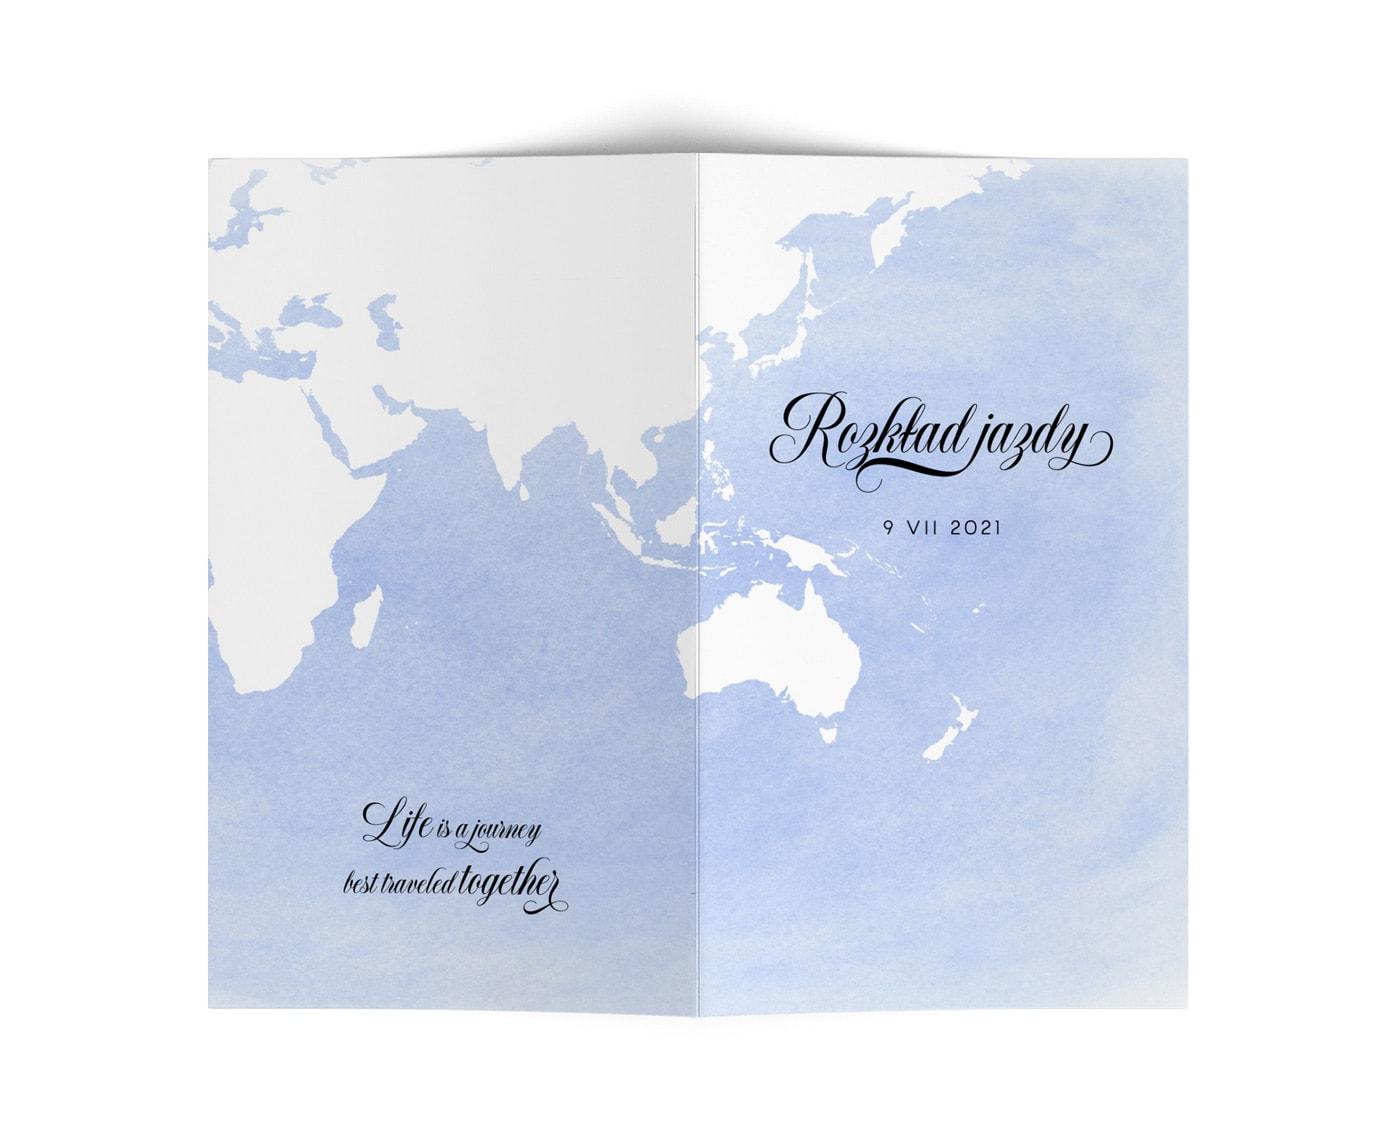 Harmonogram ślubu i wesela w stylu podróżniczym z błękitnym tłem i mapą świata